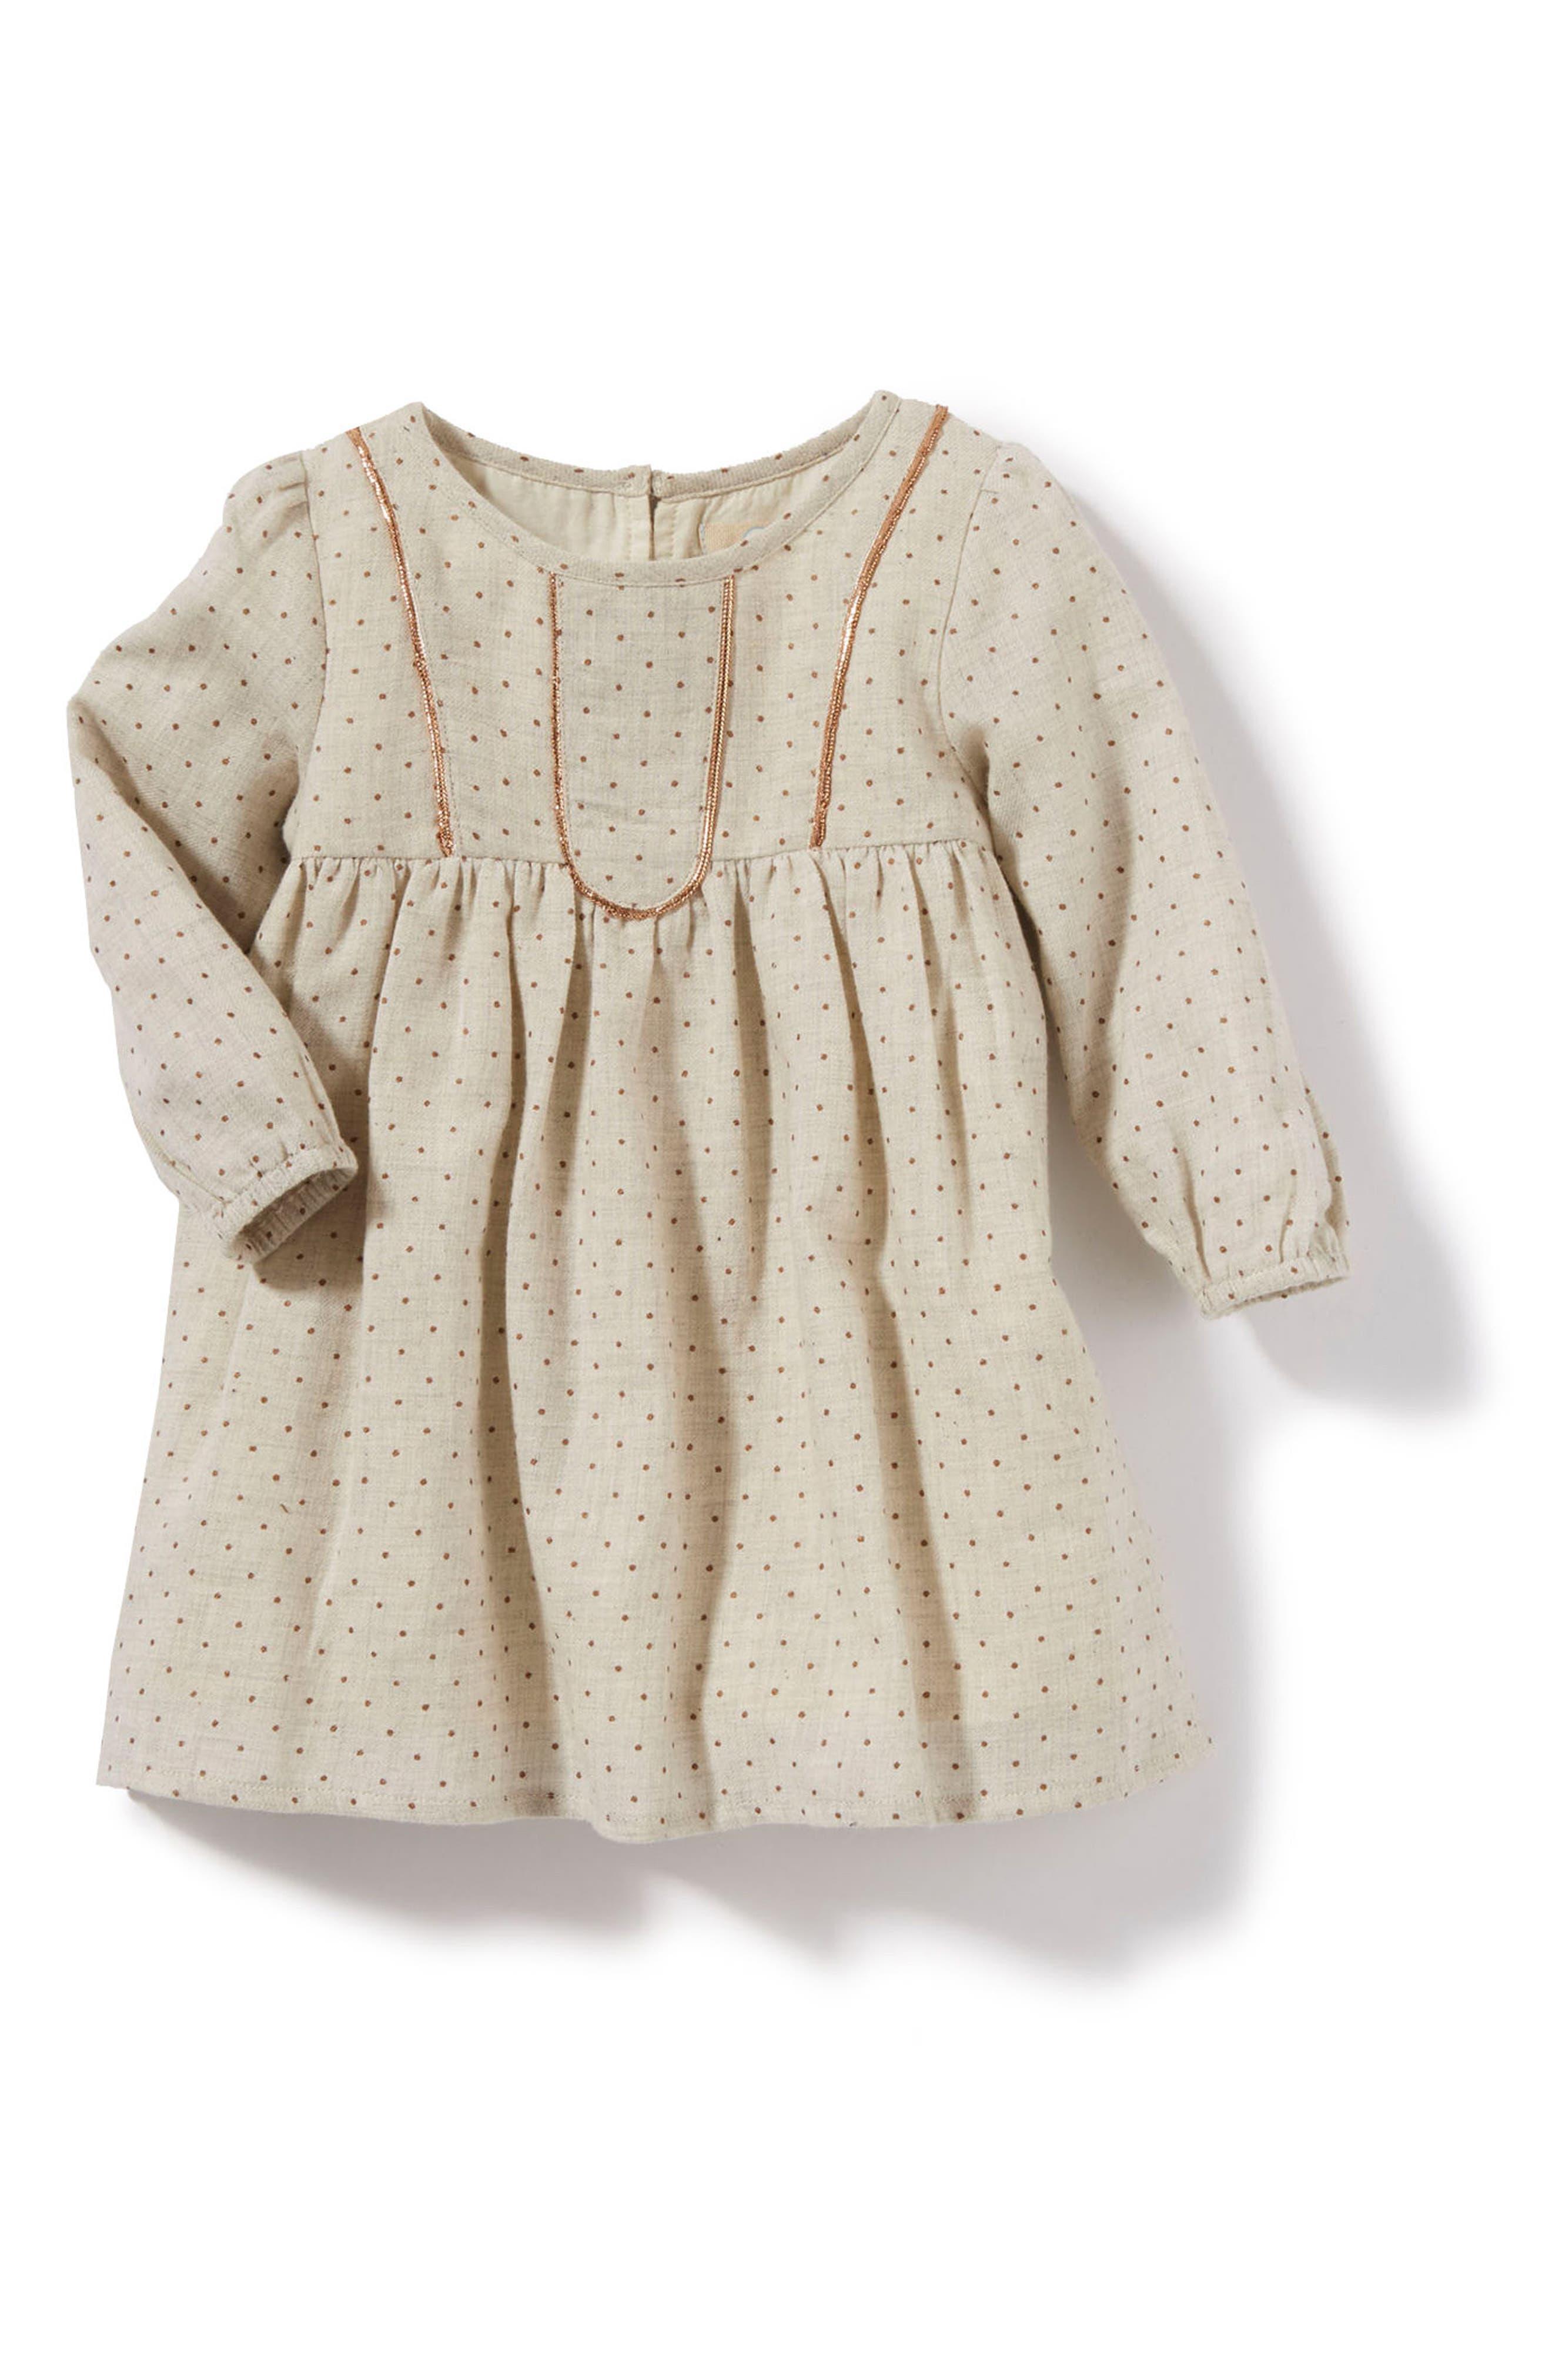 Main Image - Peek Scarlet Dress (Baby Girls)